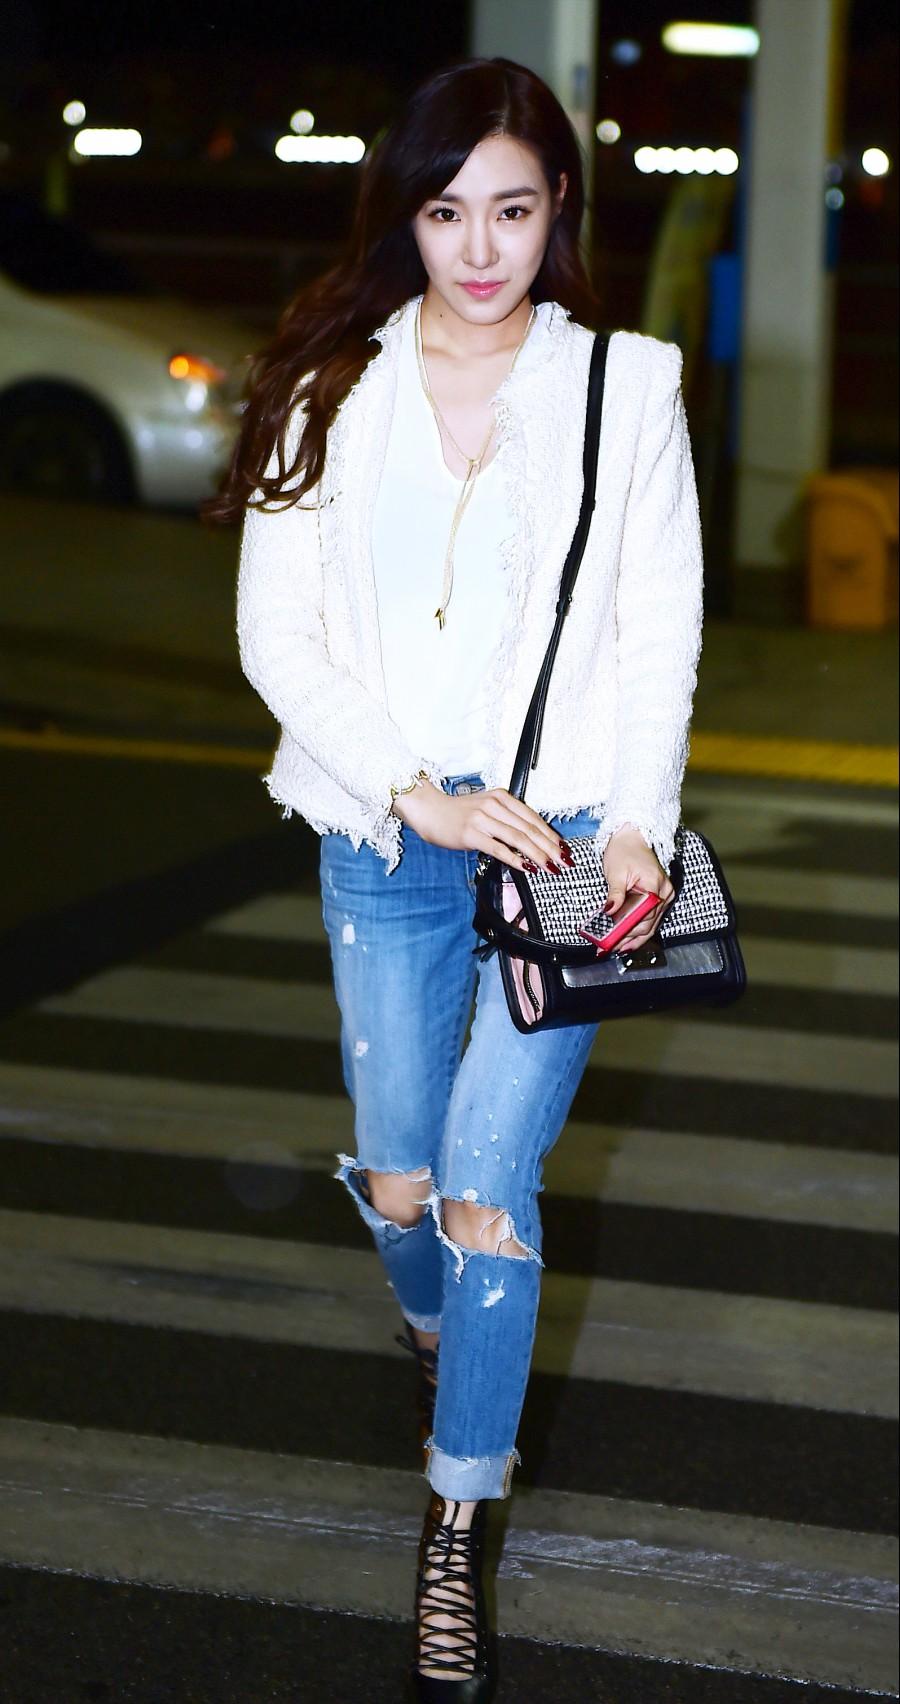 [보도자료] 티파니 공항패션, 청초한 미모에 세련된 패션감각 눈길! (2).jpg